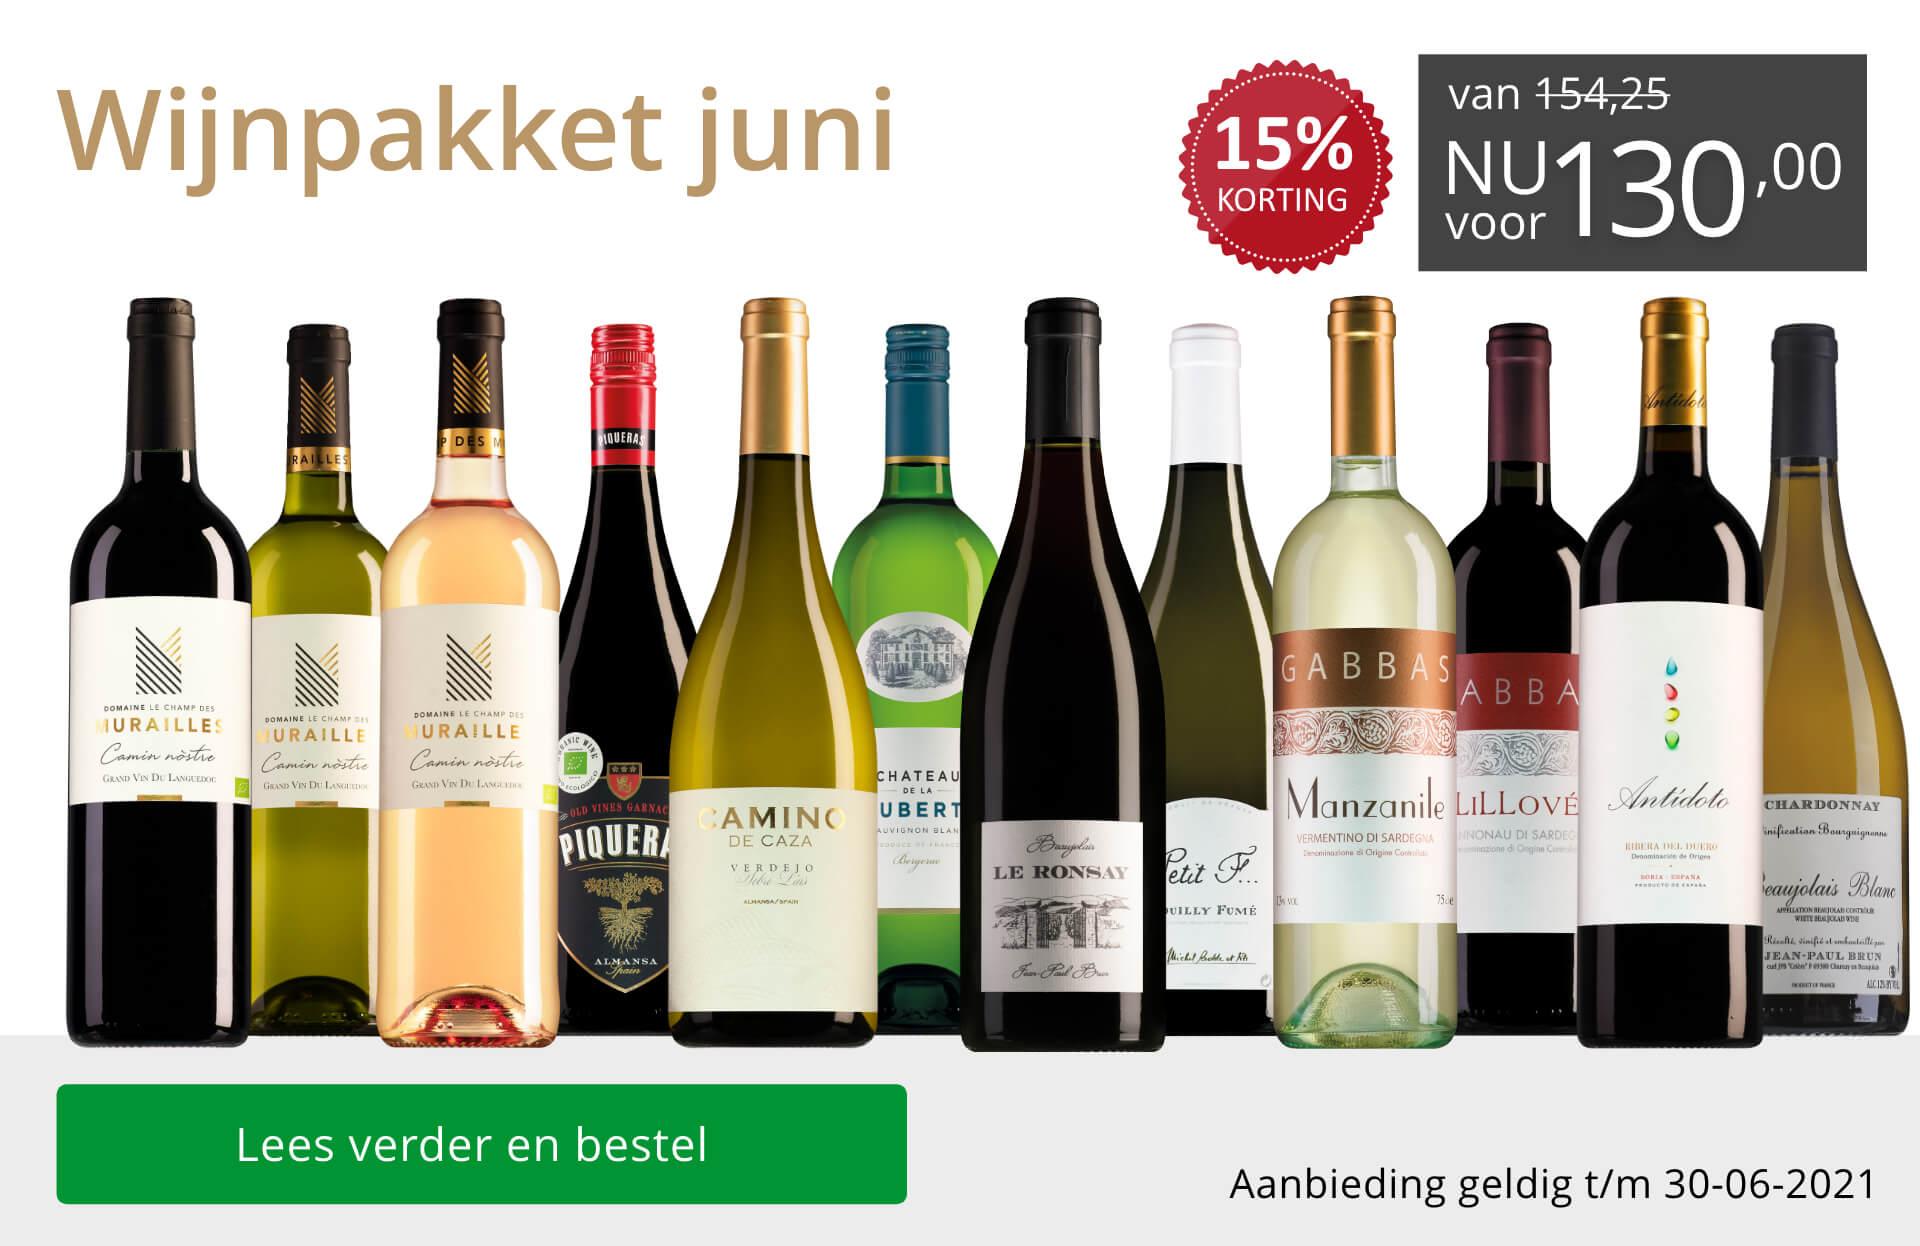 Wijnpakket wijnbericht juni 2021(130,00) - grijs/goud